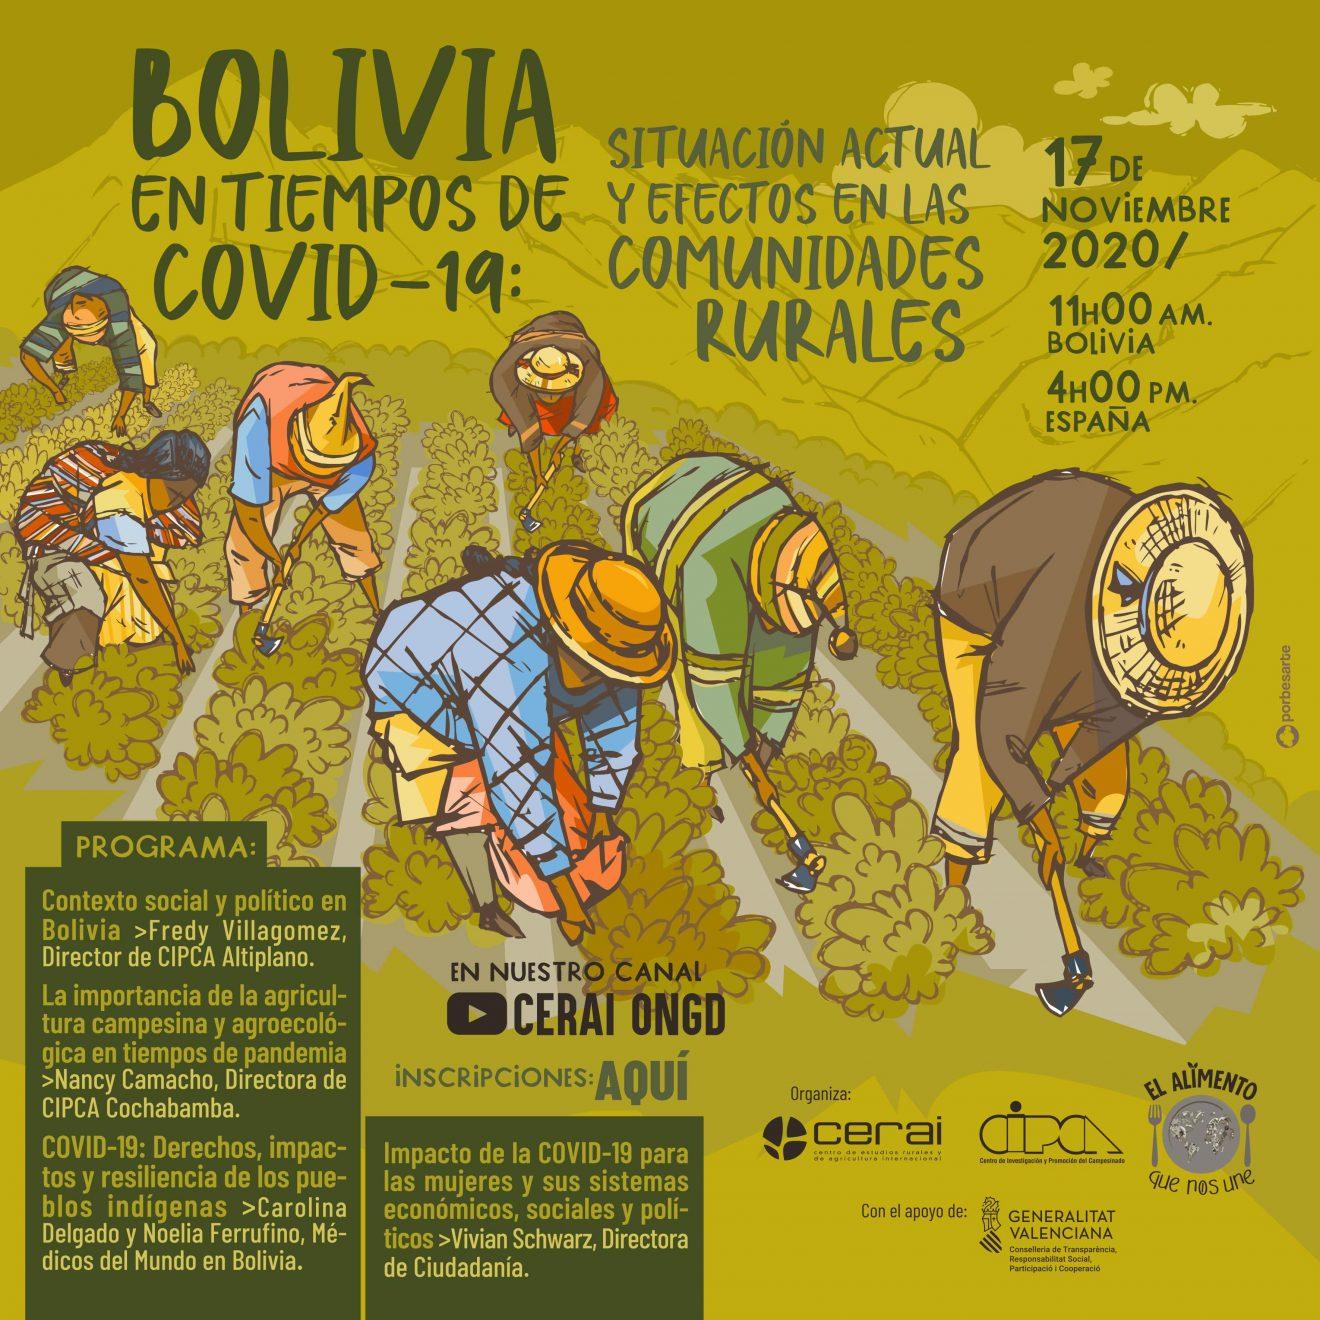 Bolivia en tiempos de COVID-19: Situación actual y efectos en las comunidades rurales